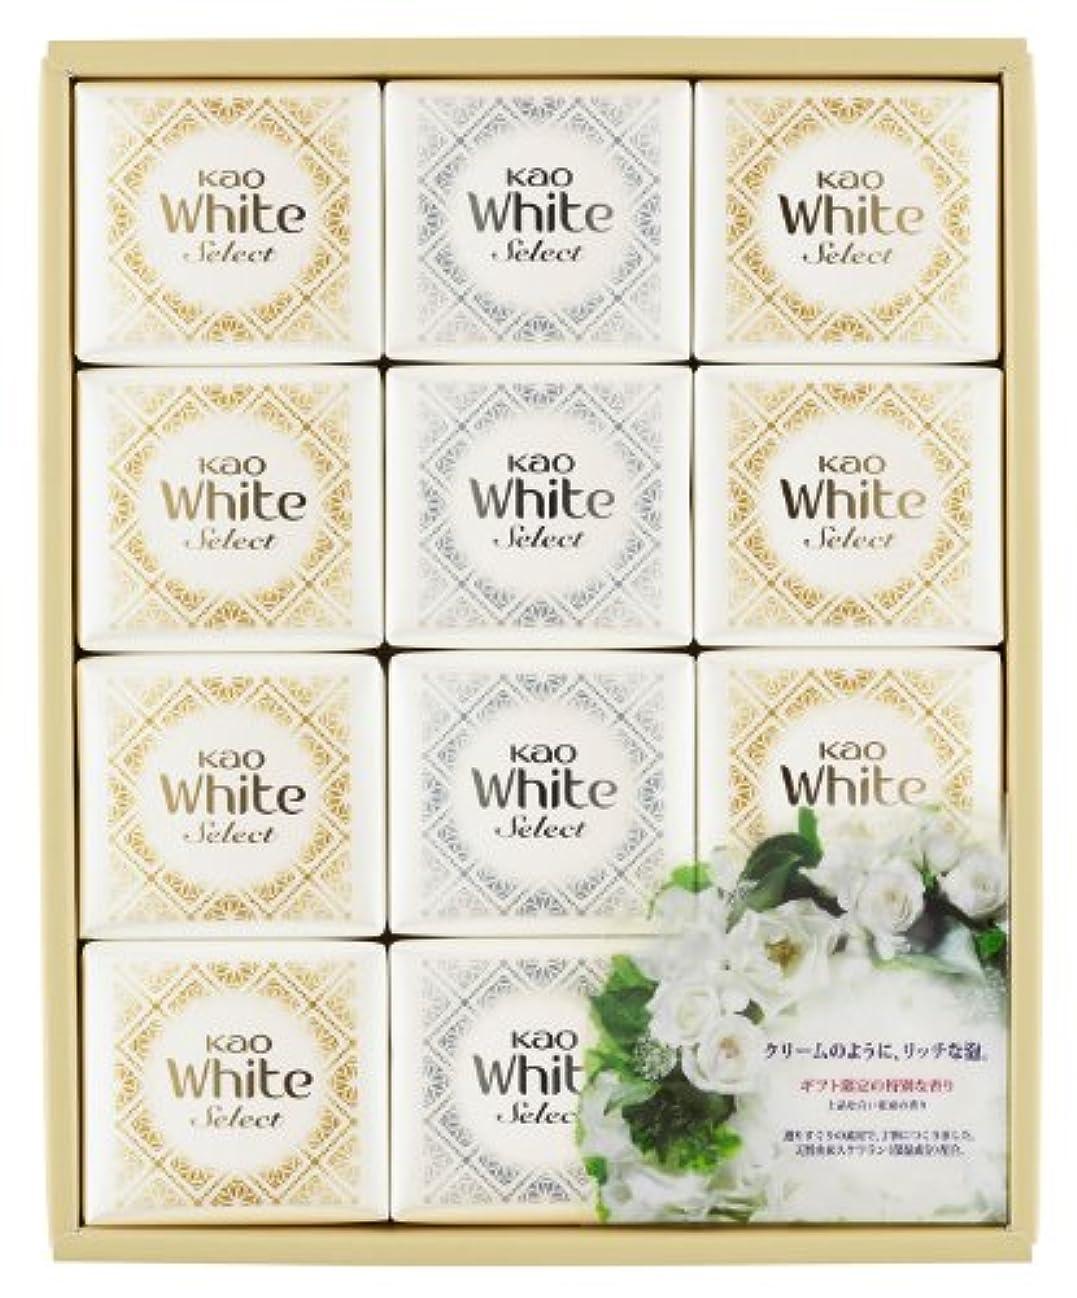 ジャム権限を与える十分です花王ホワイト セレクト 上品な白い花束の香り 85g 12コ K?WS-20